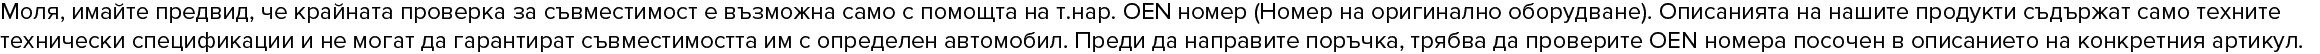 JP GROUP 021109345A защитна тръбичка на повдигащите пръти